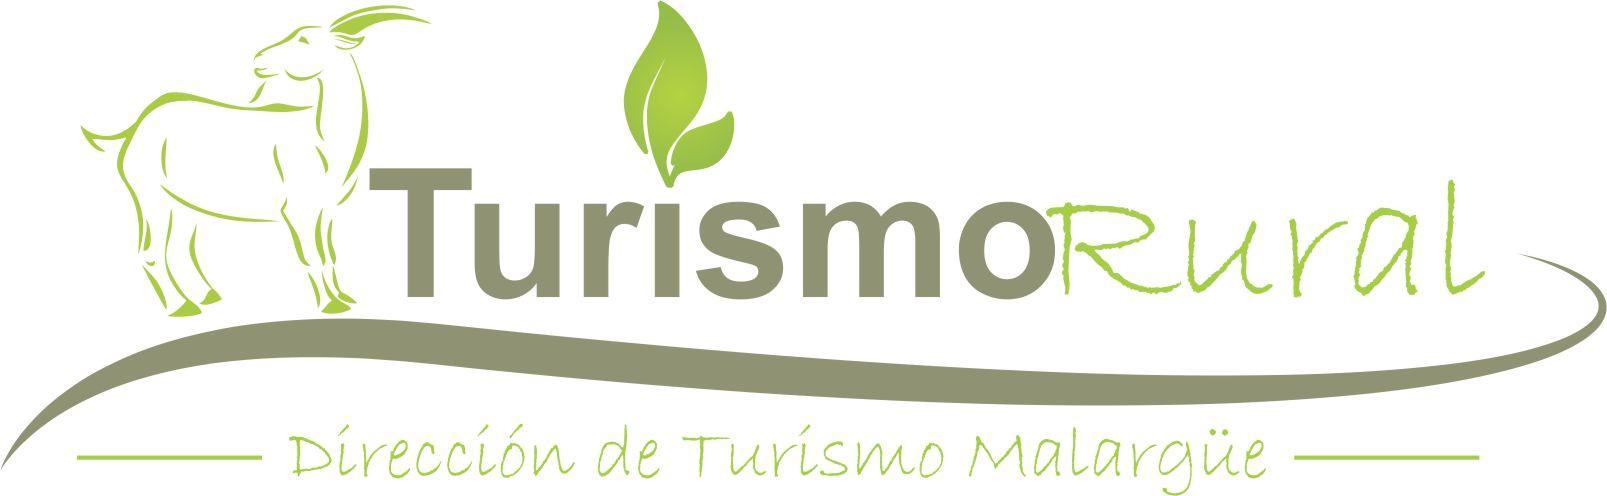 Desarrollo del Turismo Rural en La Junta